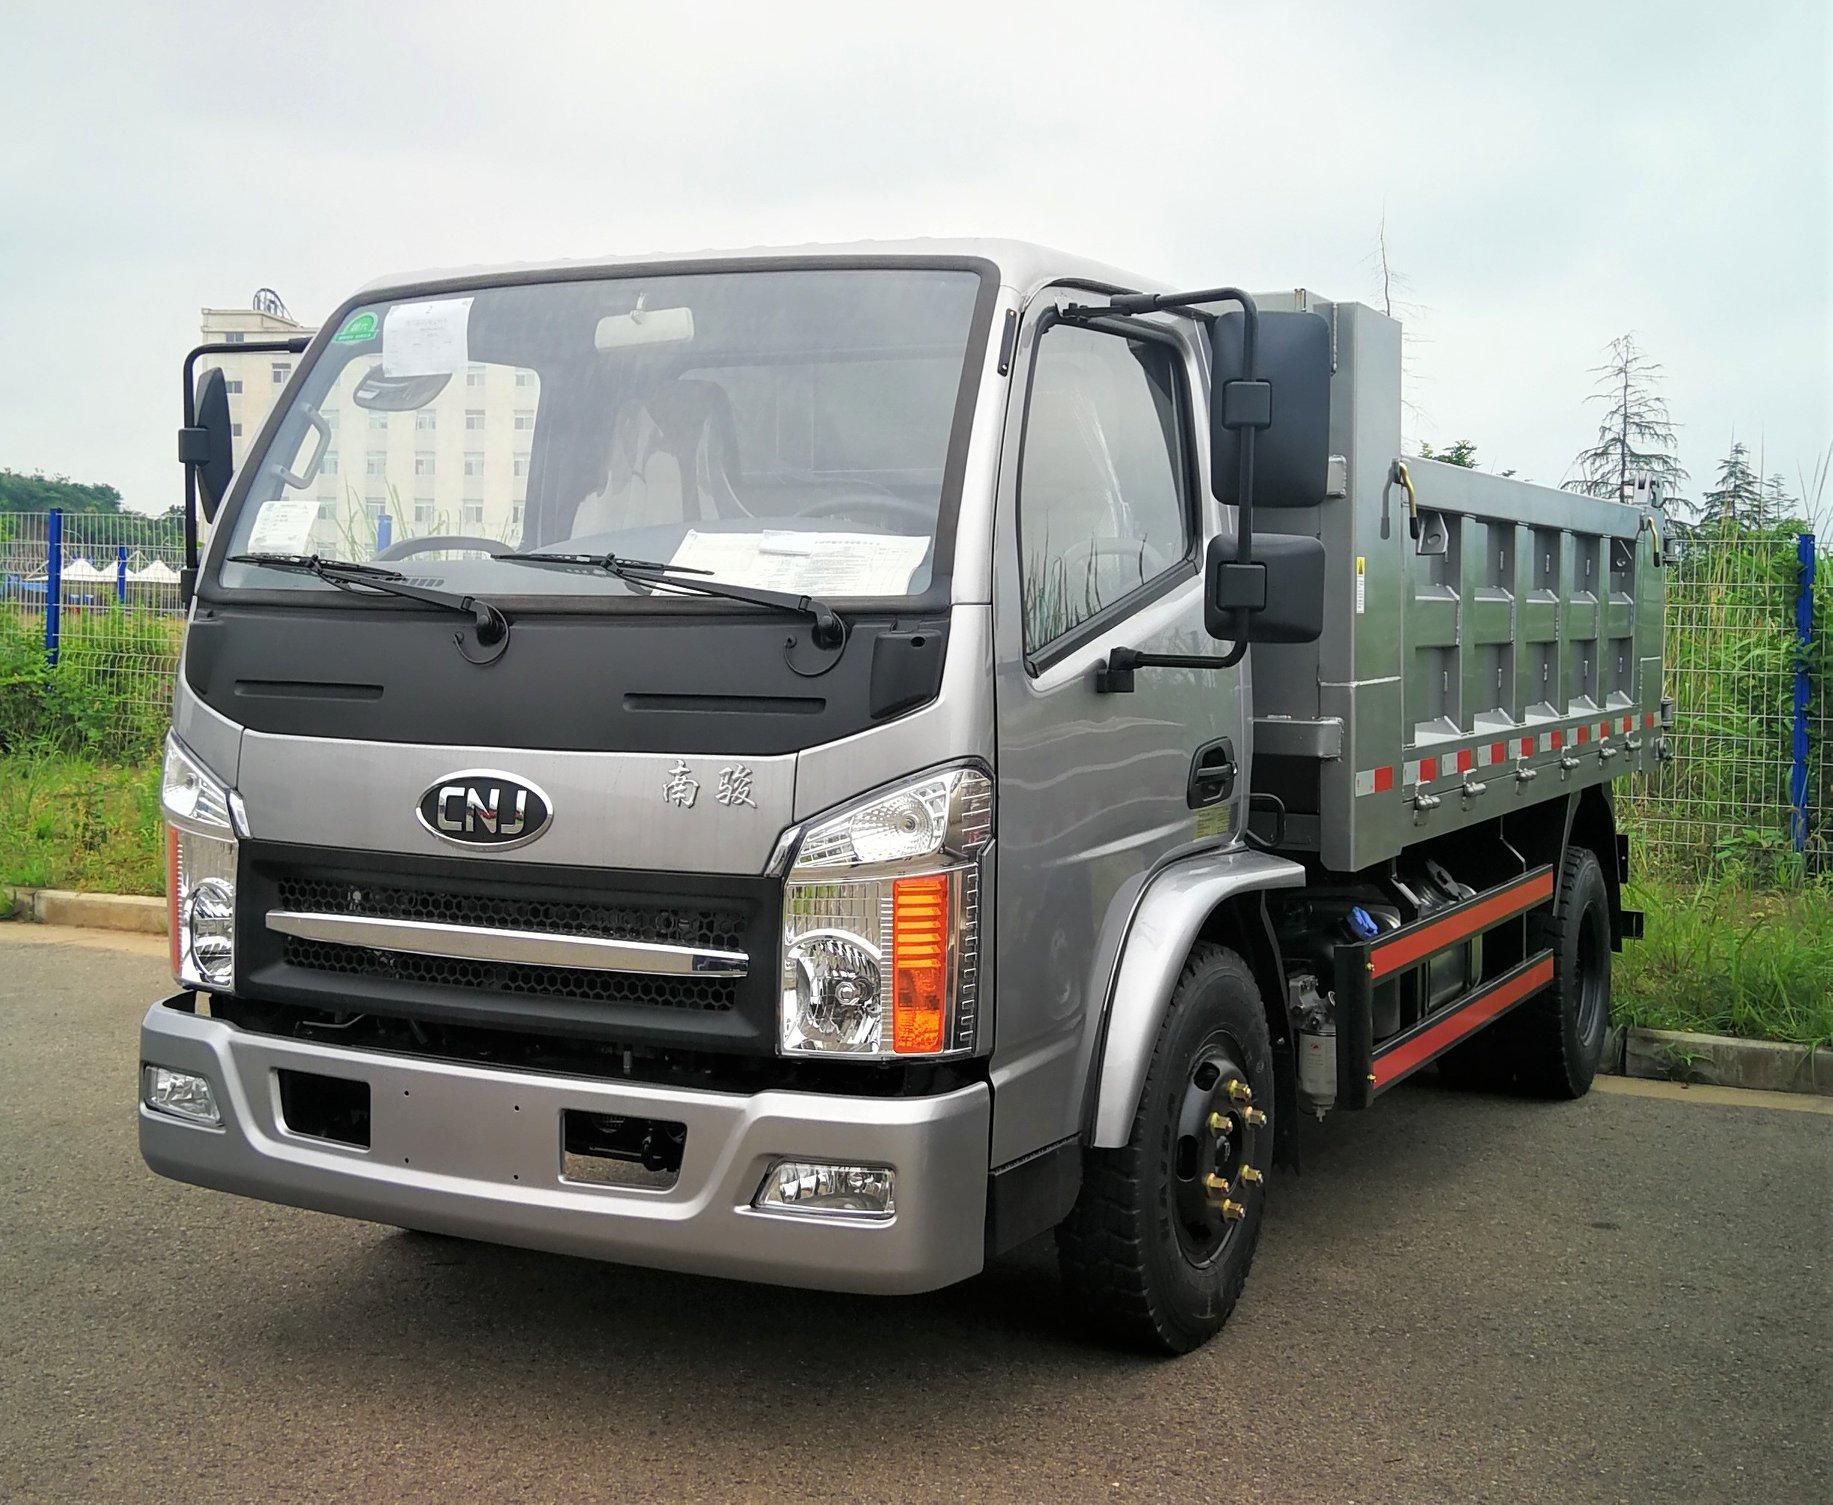 Cnj-low-entry-trucks-kunnen-voldoen-aan-de-speciale-eisen-van-het-werken-onder-mijnbouw-of-kelder--2